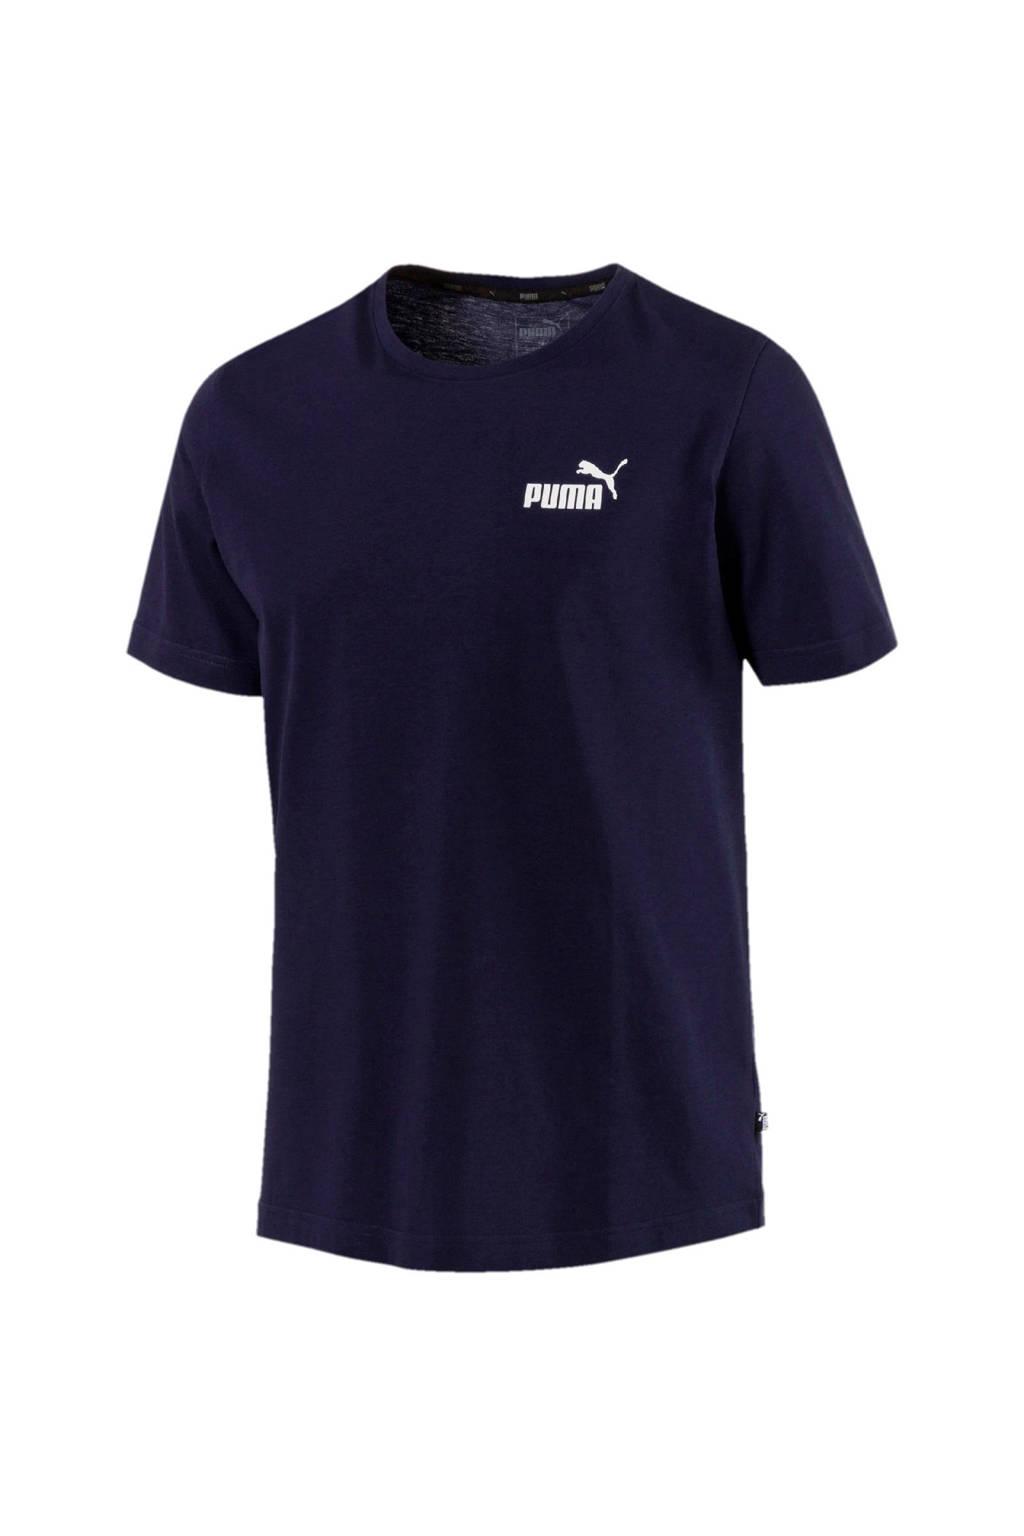 Puma   T-shirt donkerblauw, Donkerblauw/wit